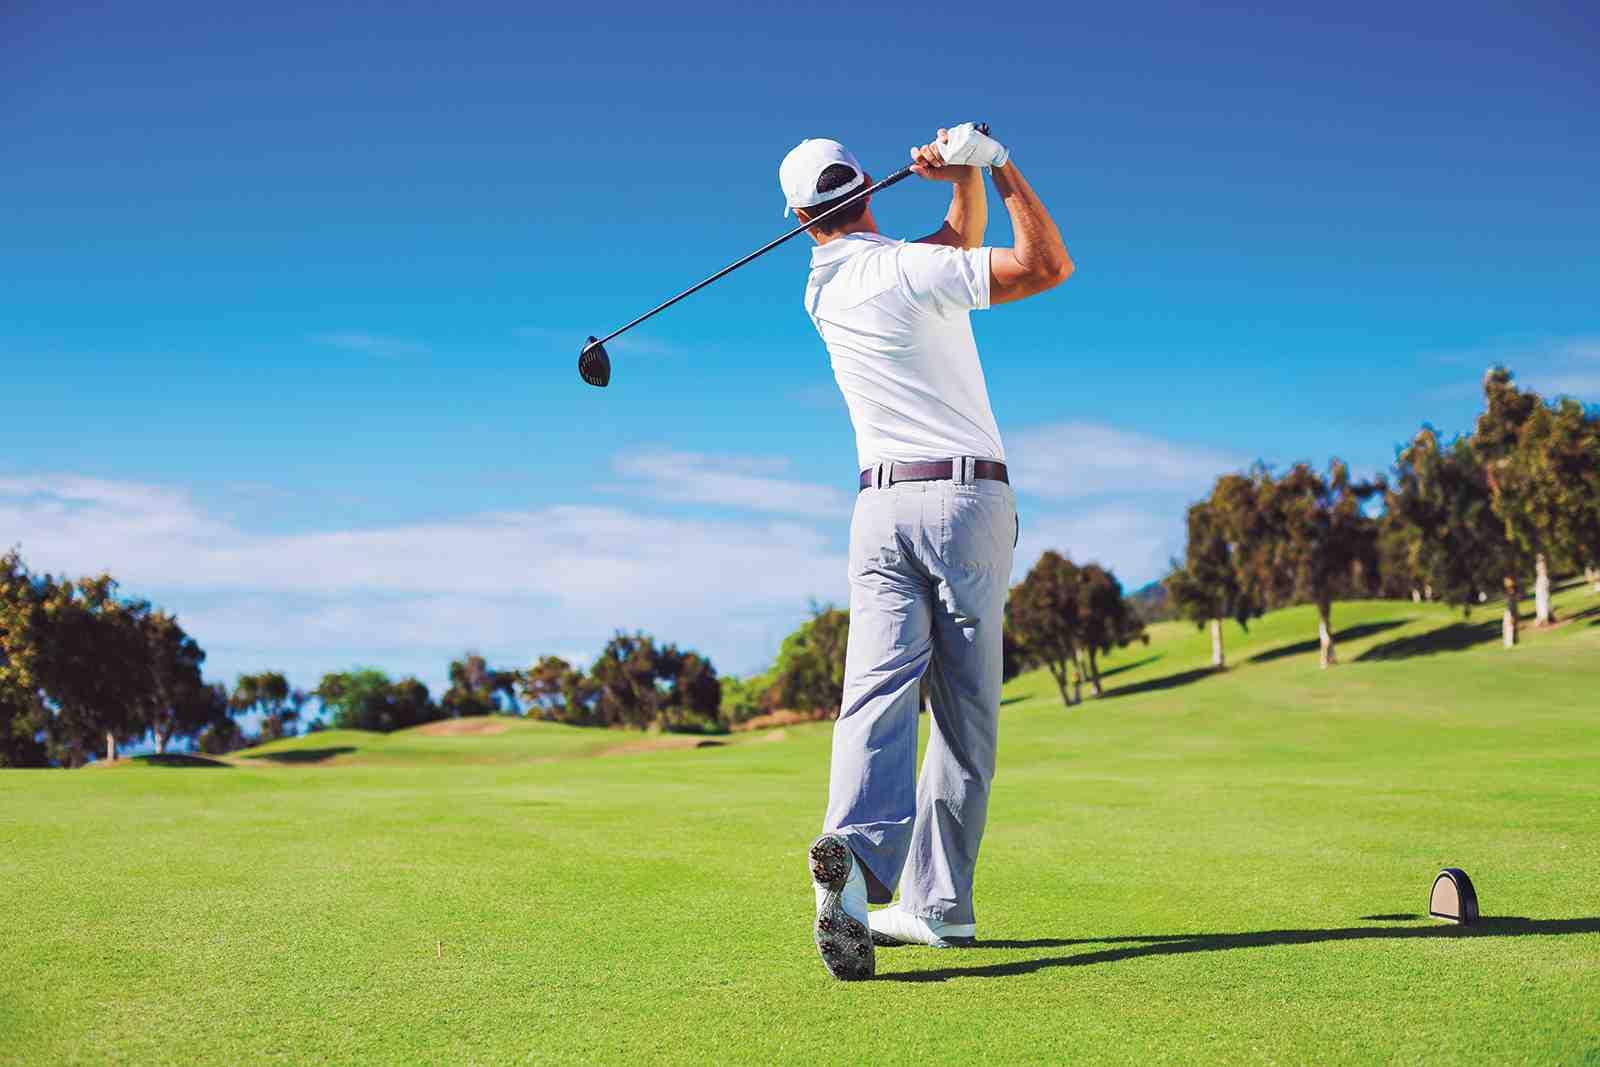 Quel est le but du jeu de golf?